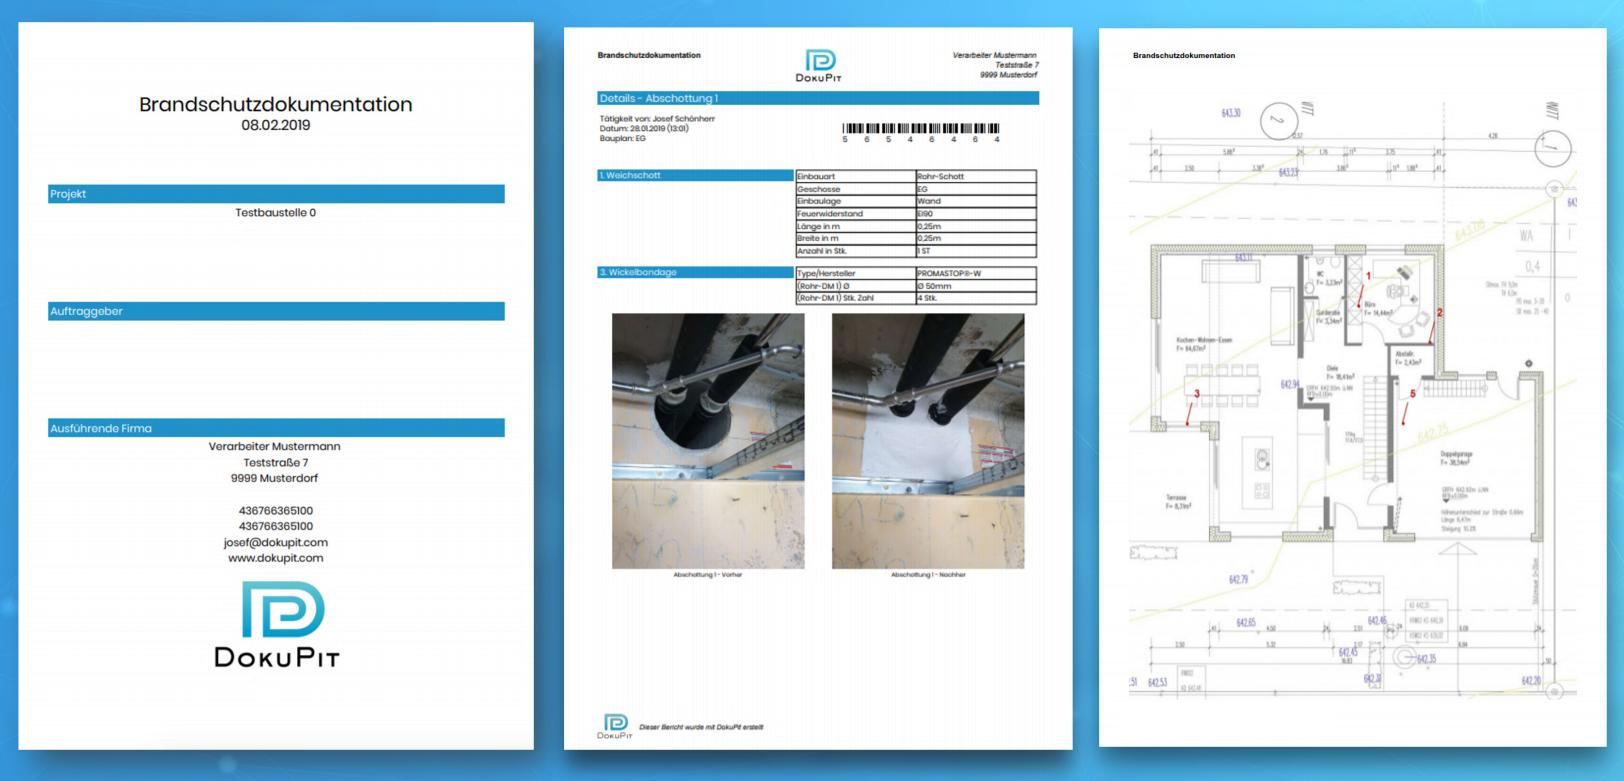 Brandschutzdokumentation PDF